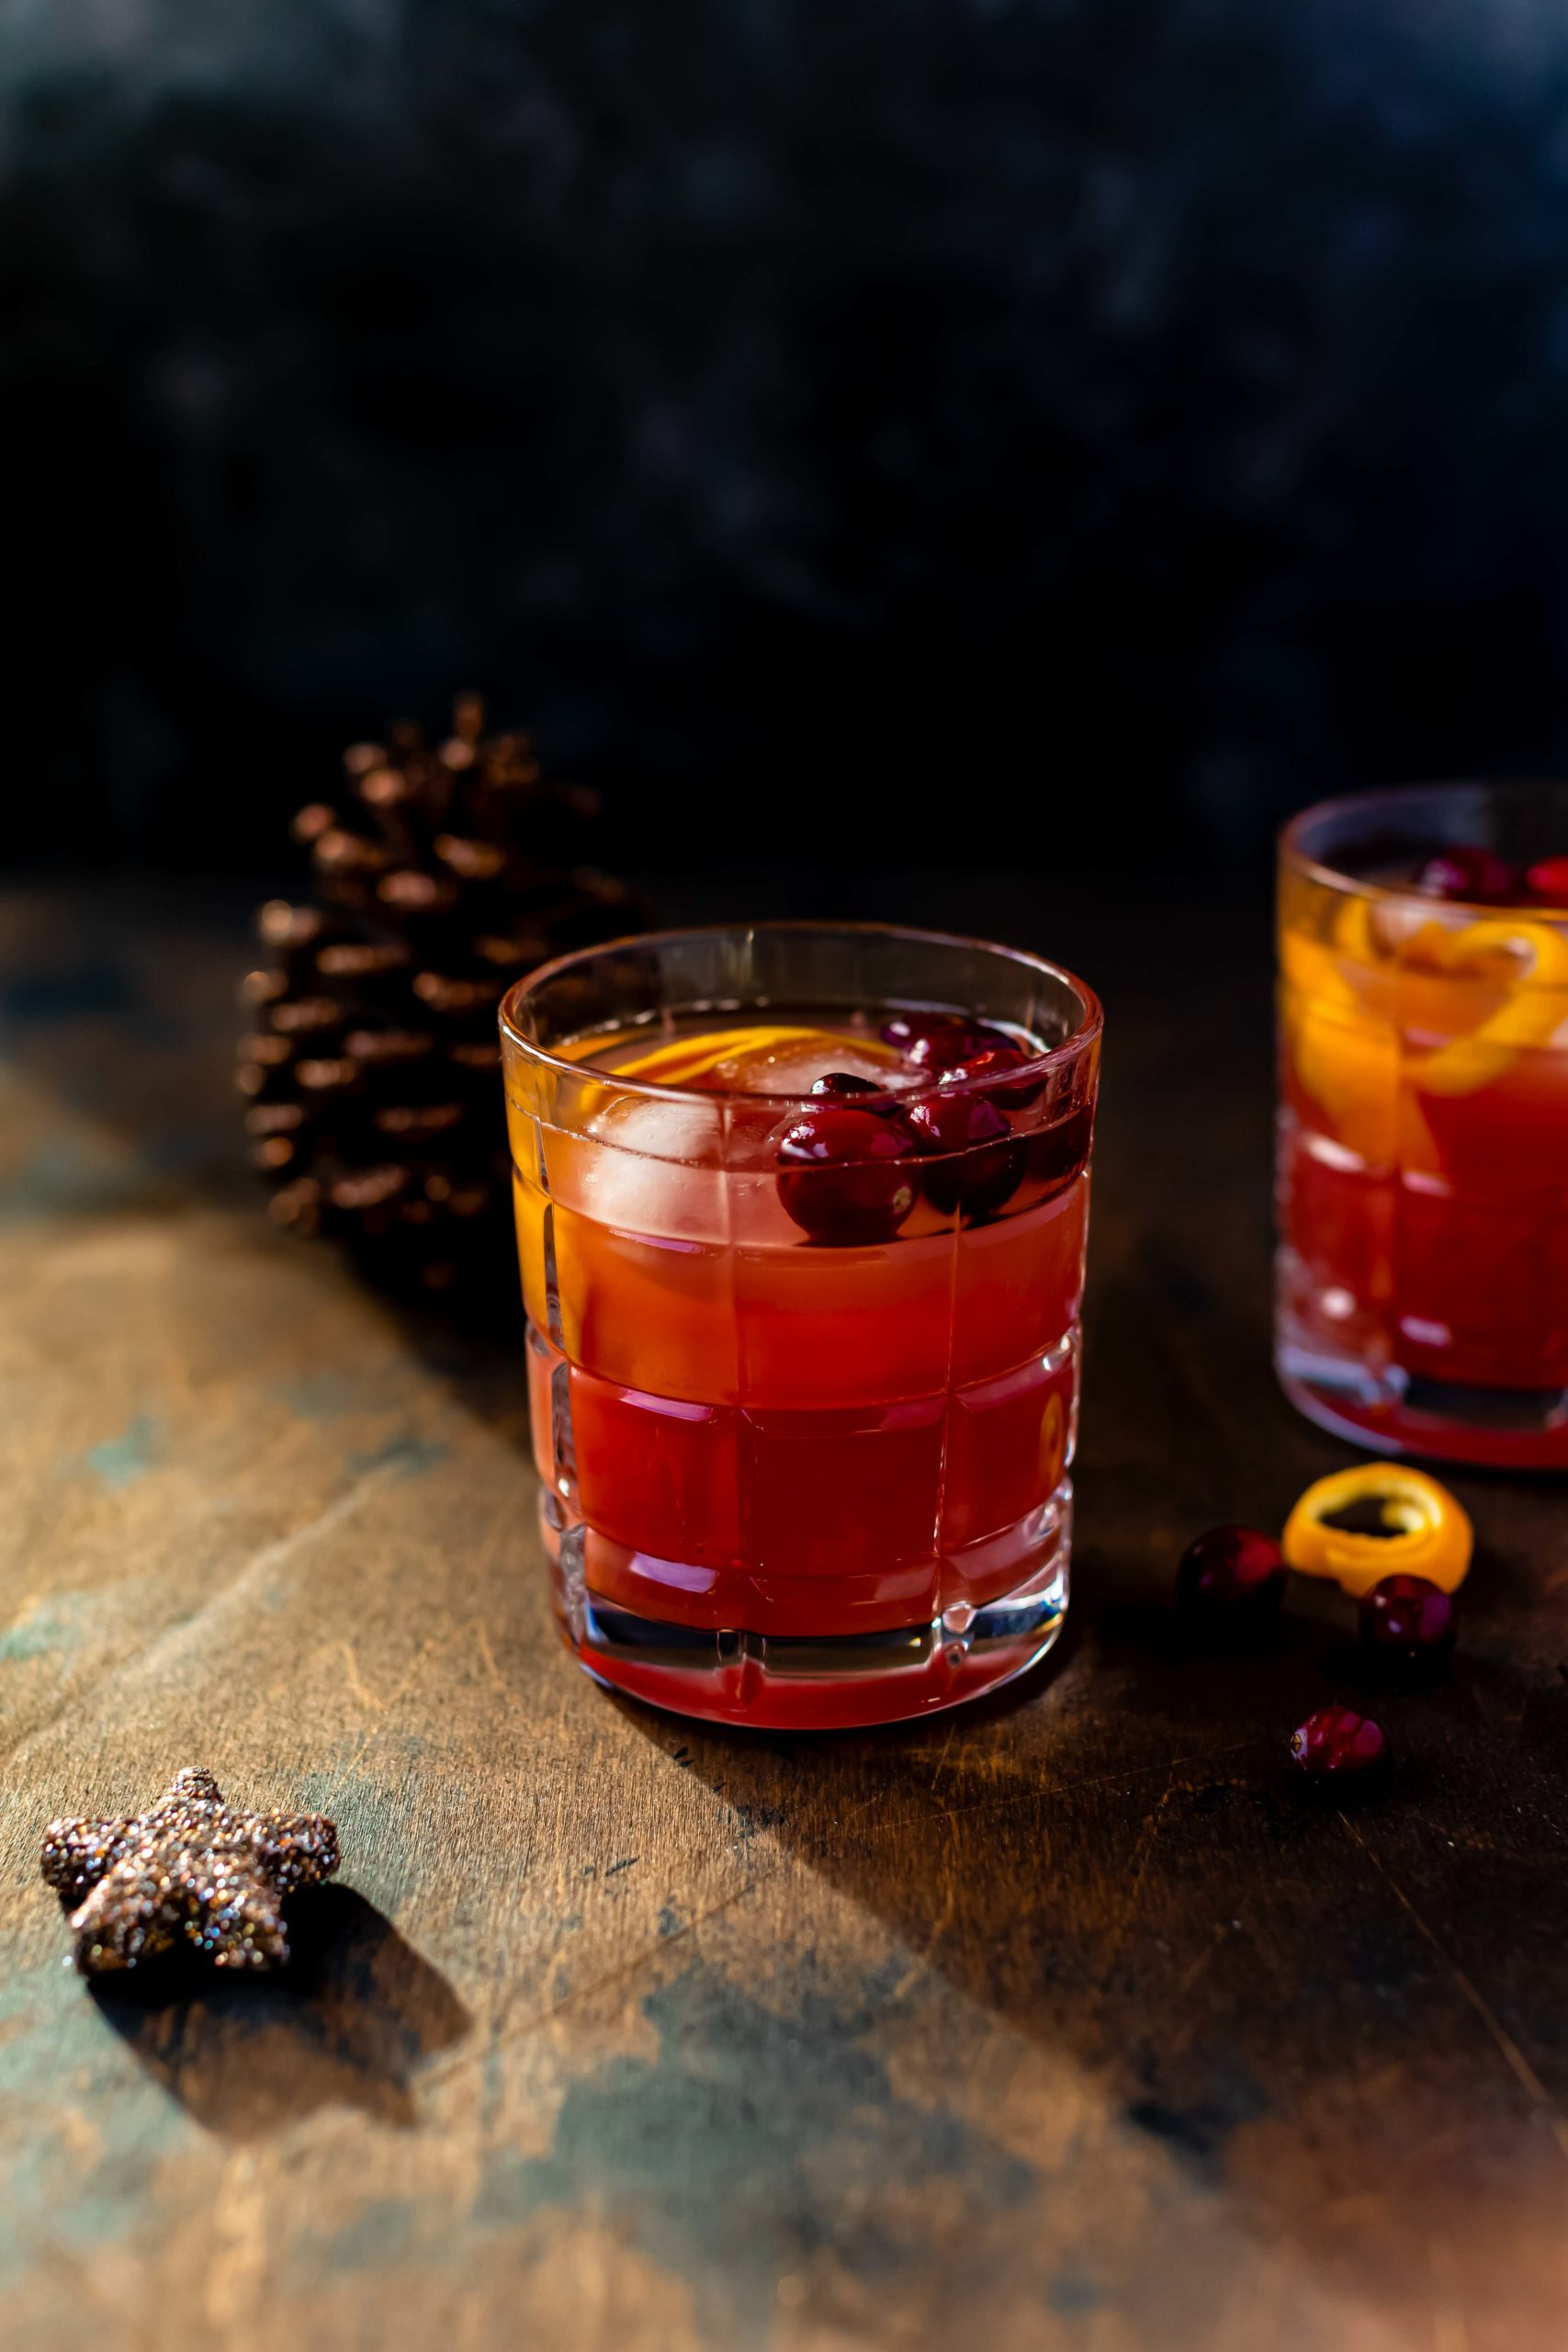 Tipps für Weihnachten: ein weihnachtlicher Cranberry Drink // Cranberry Christmas Drink by https://babyrockmyday.com/weihnachtlicher-cranberry-drink